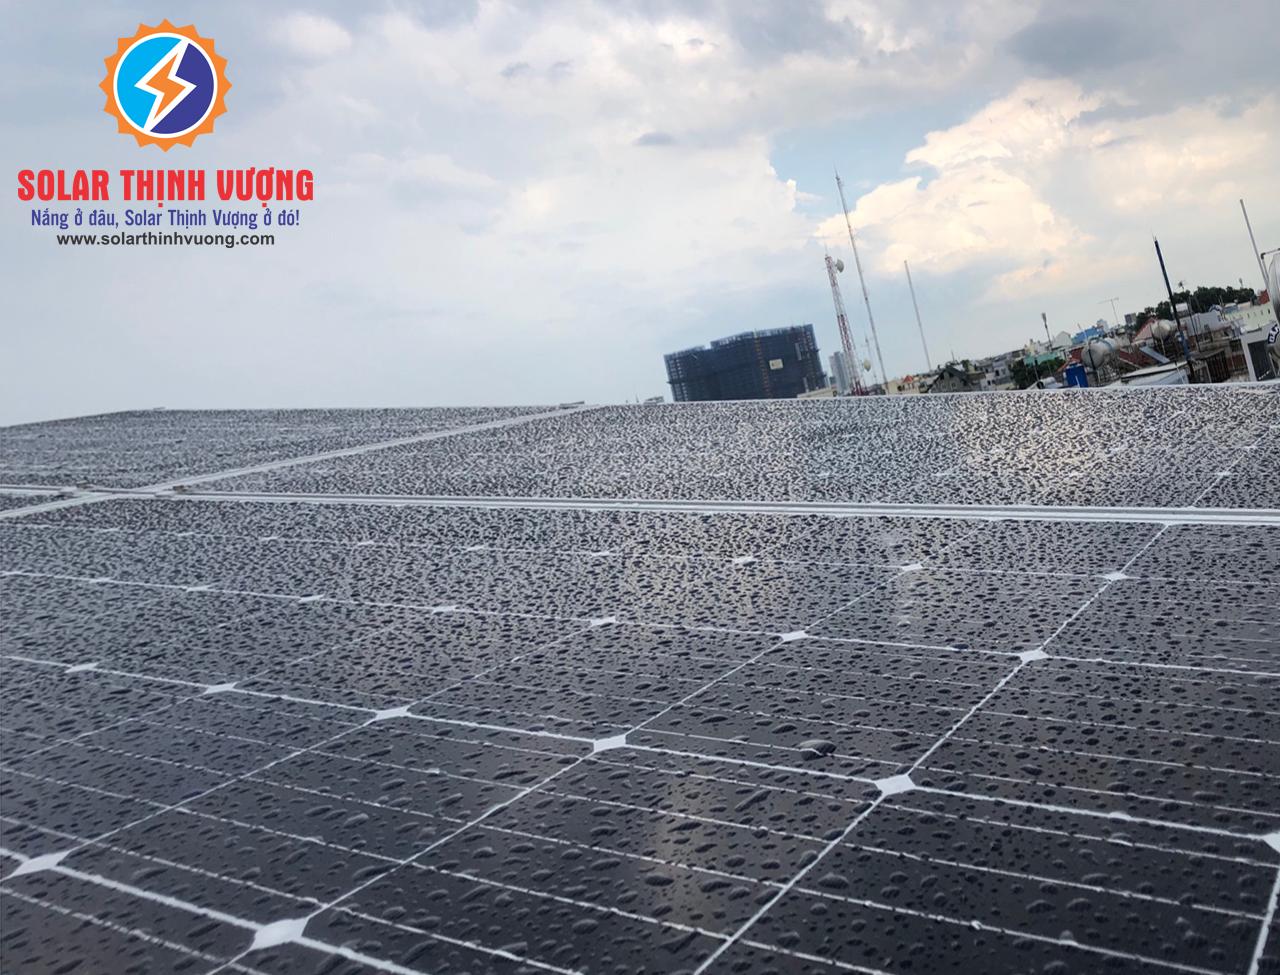 Sử dụng điện mặt trời bảo hành lâu dài